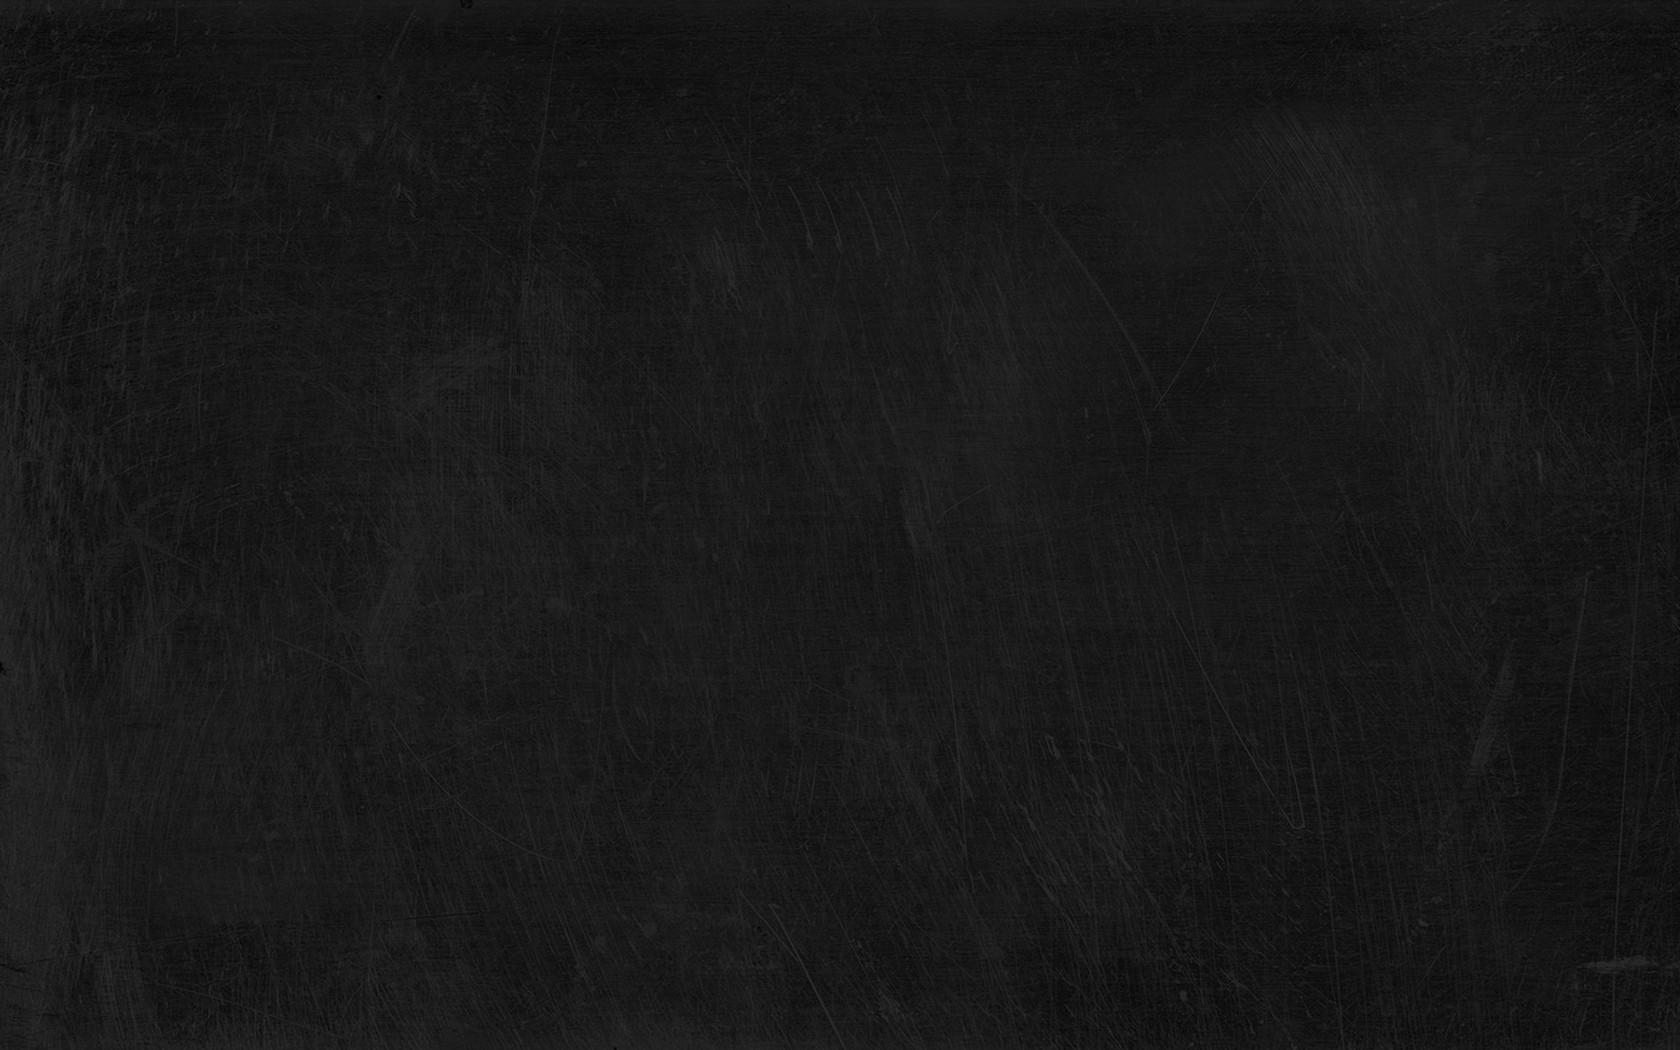 Papel de parede monocrom tico minimalismo quadro negro - Papel pared negro ...